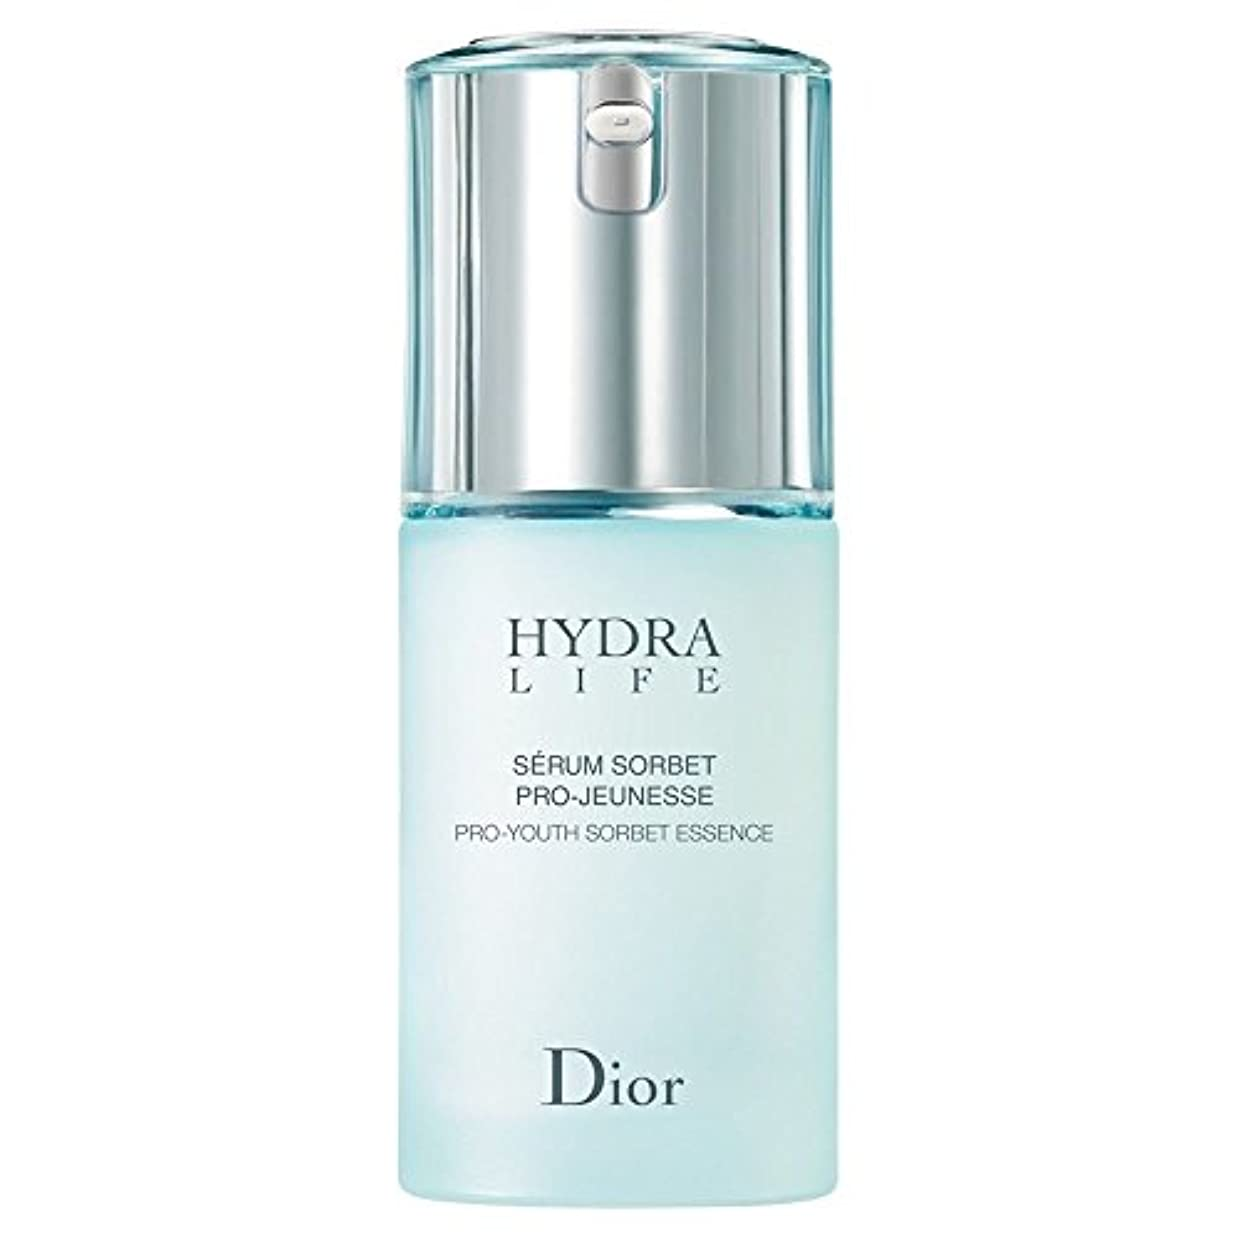 織る危険な偏見[Dior] ディオールヒドラライフプロ若者シャーベットセラム30Ml - Dior Hydra Life Pro-Youth Sorbet Serum 30ml [並行輸入品]